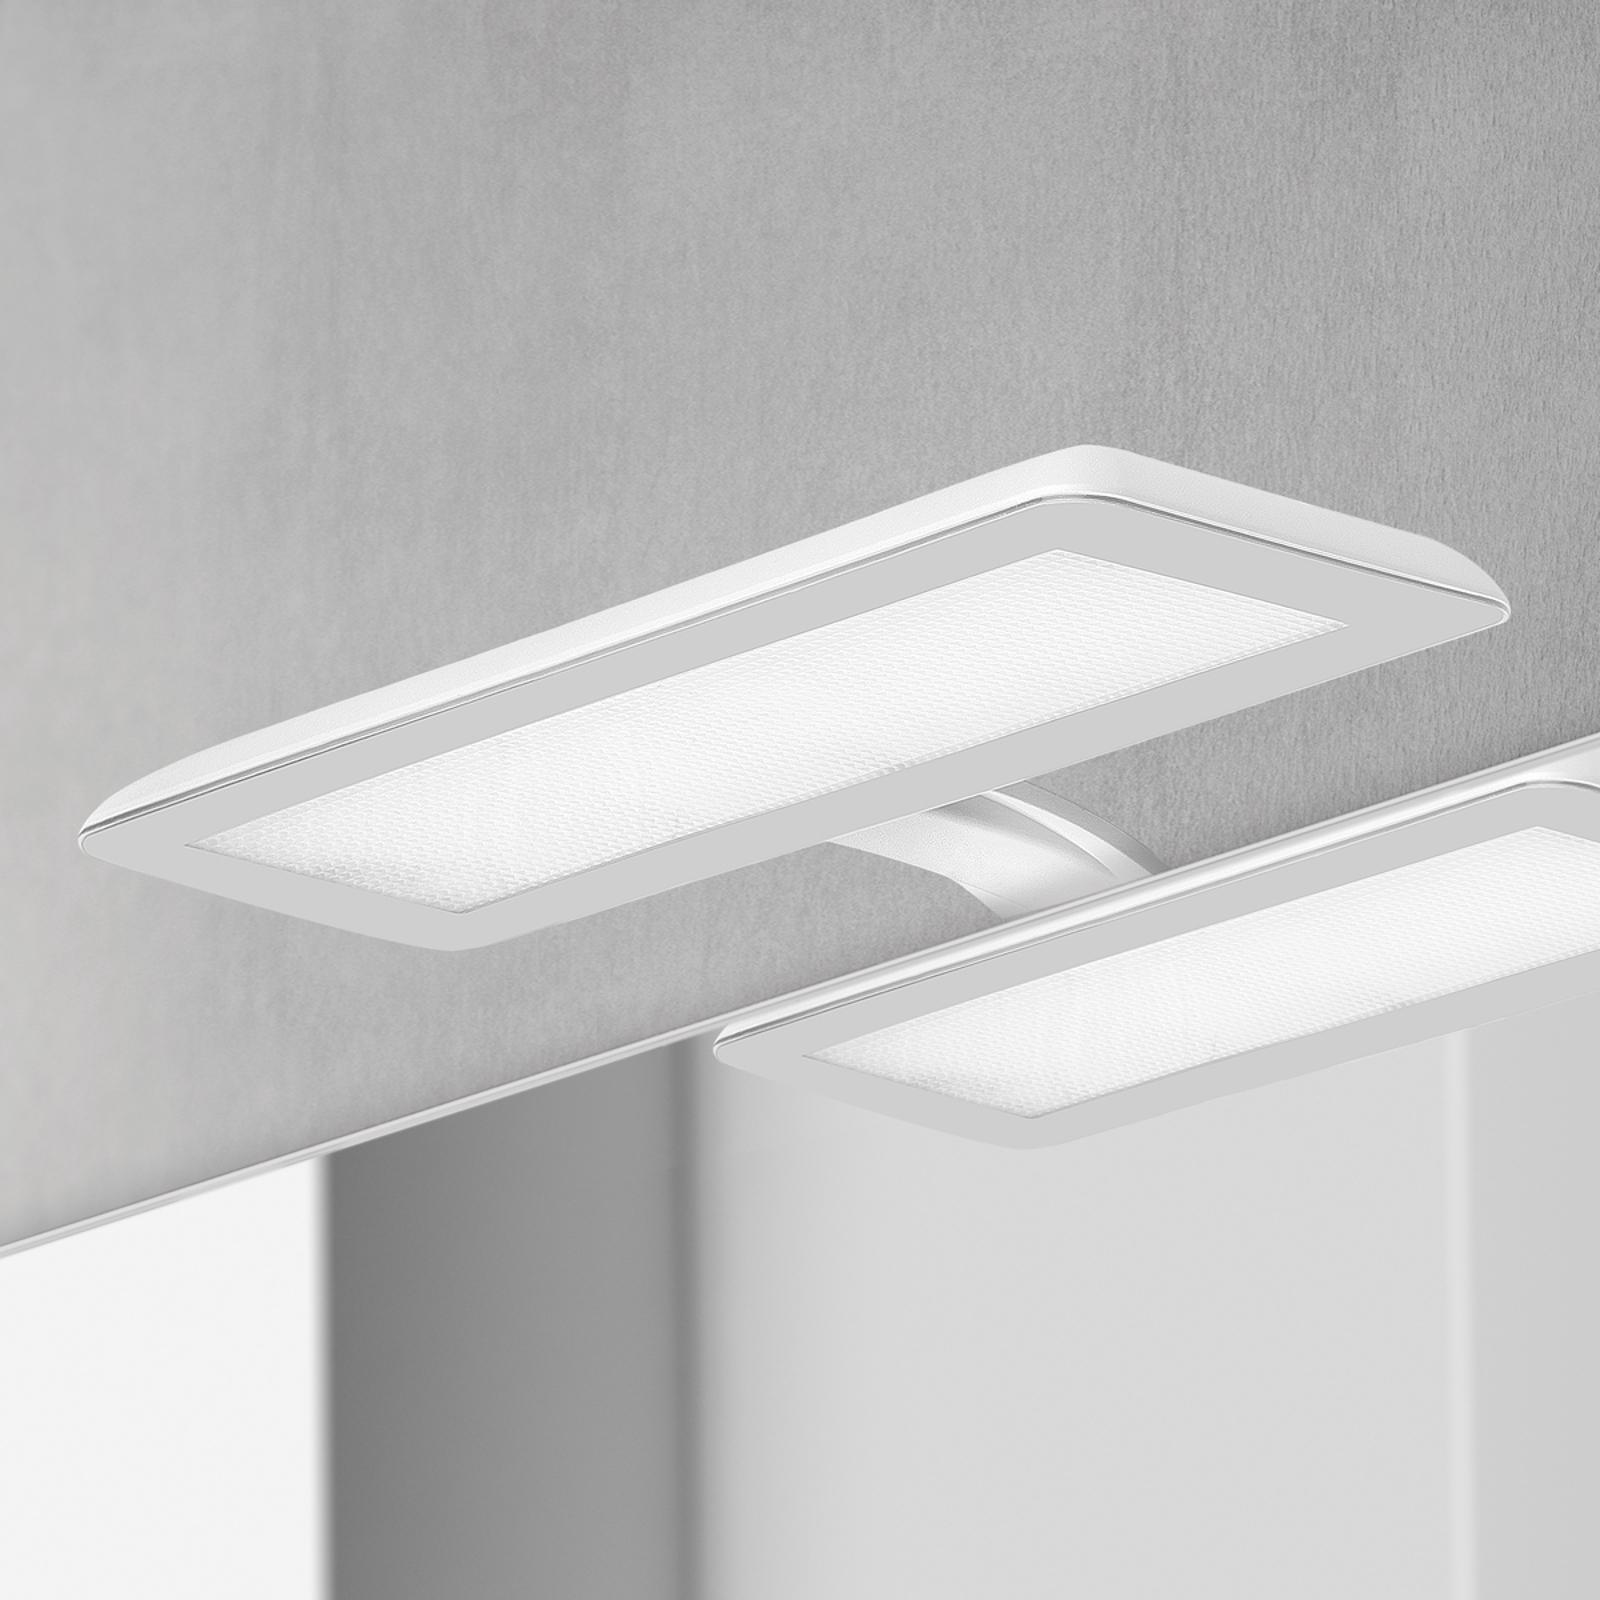 LED-Spiegelleuchte Nikita, weiß/stahlgrau